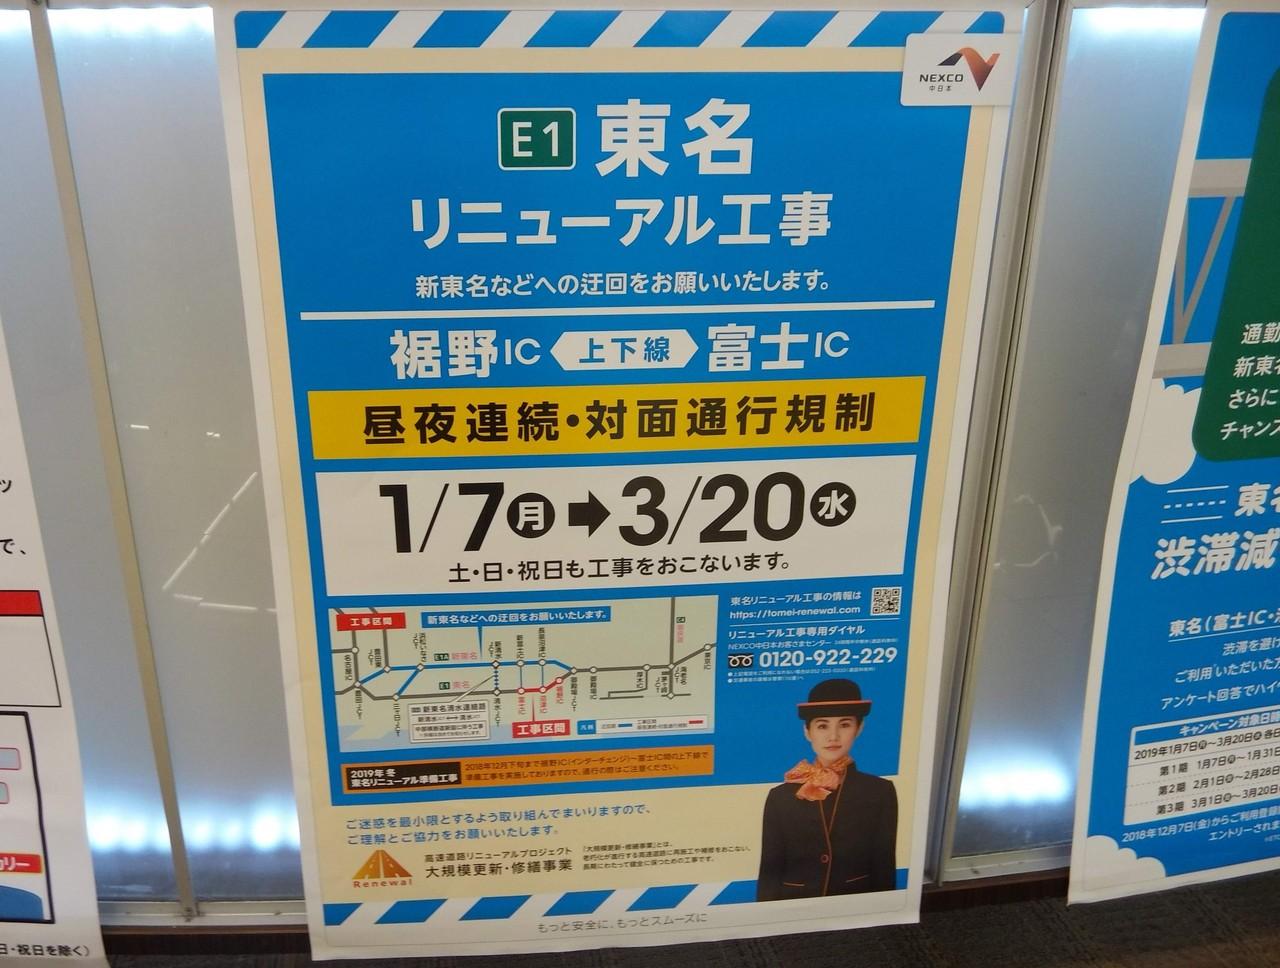 リニューアル 高速 阪和道リニューアル工事